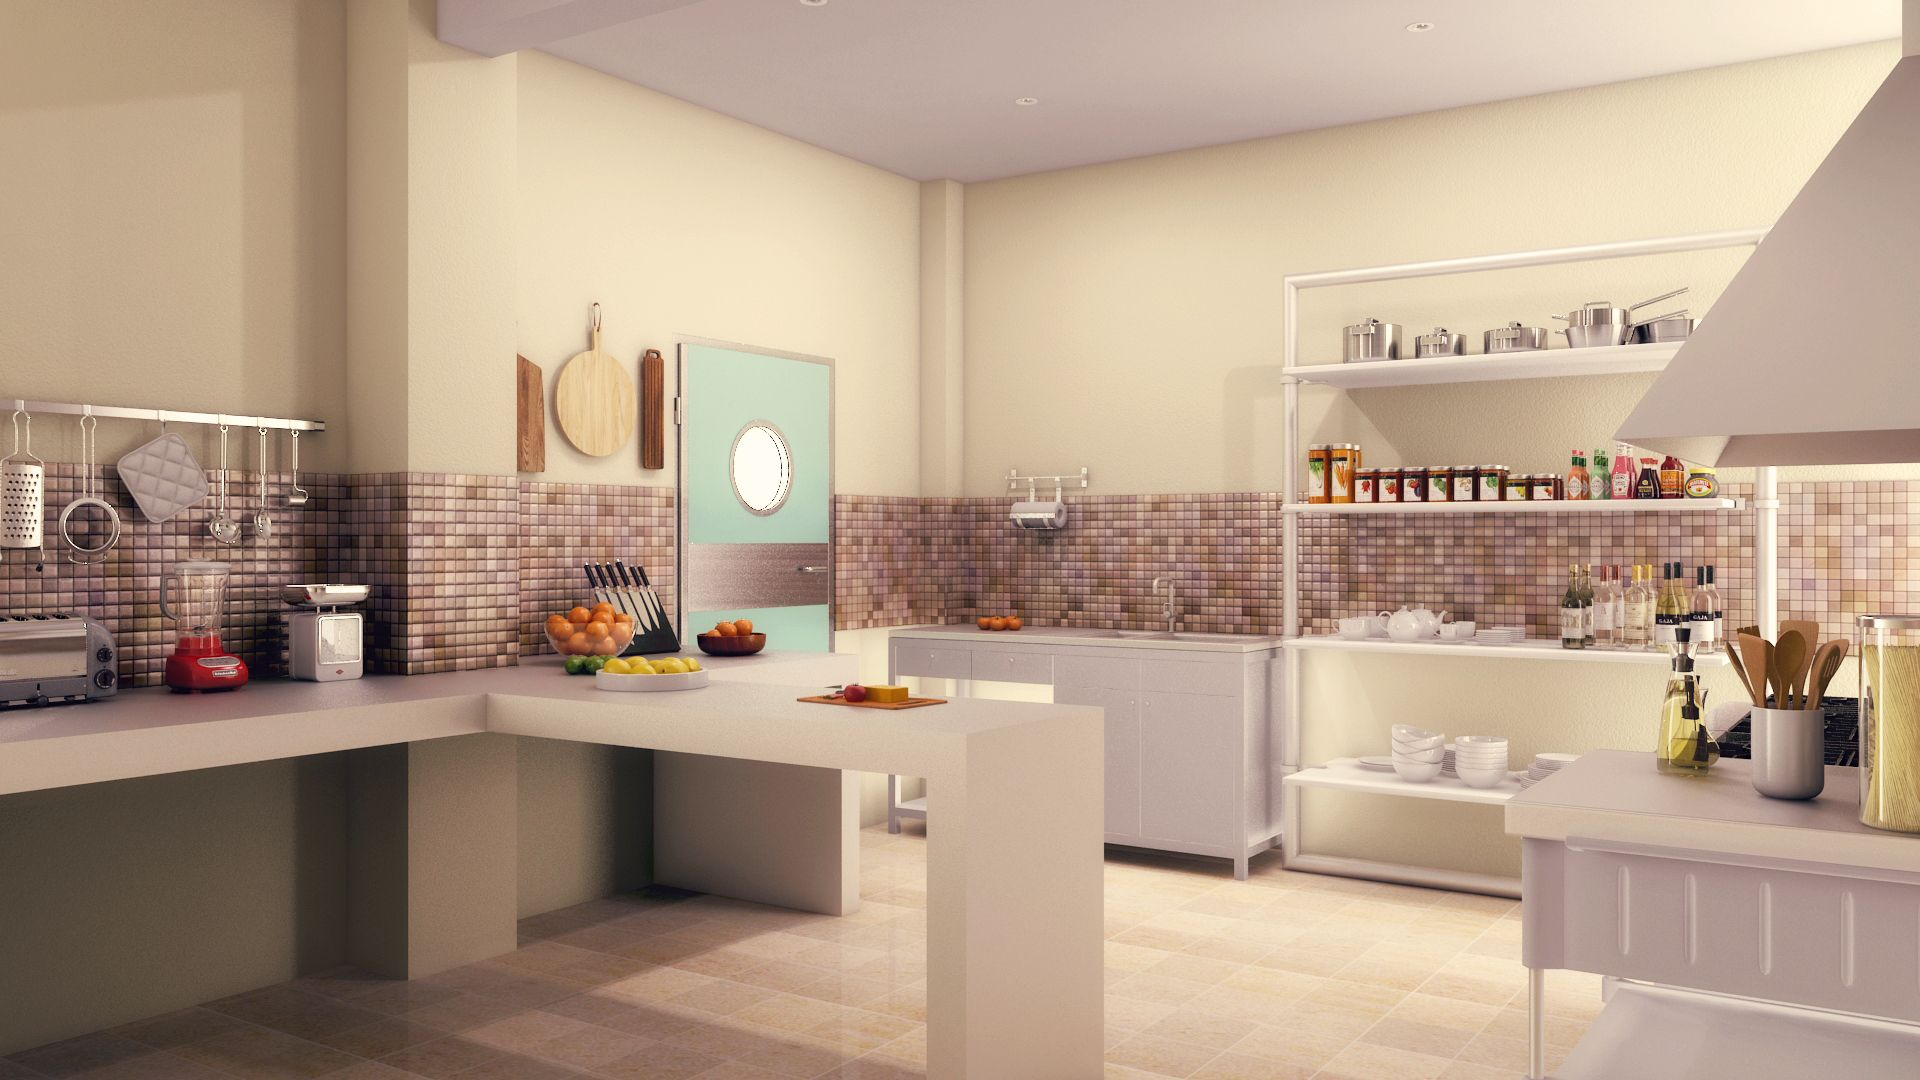 Cocina para salon de eventos dise o y render arq abraham - Salon diseno ...